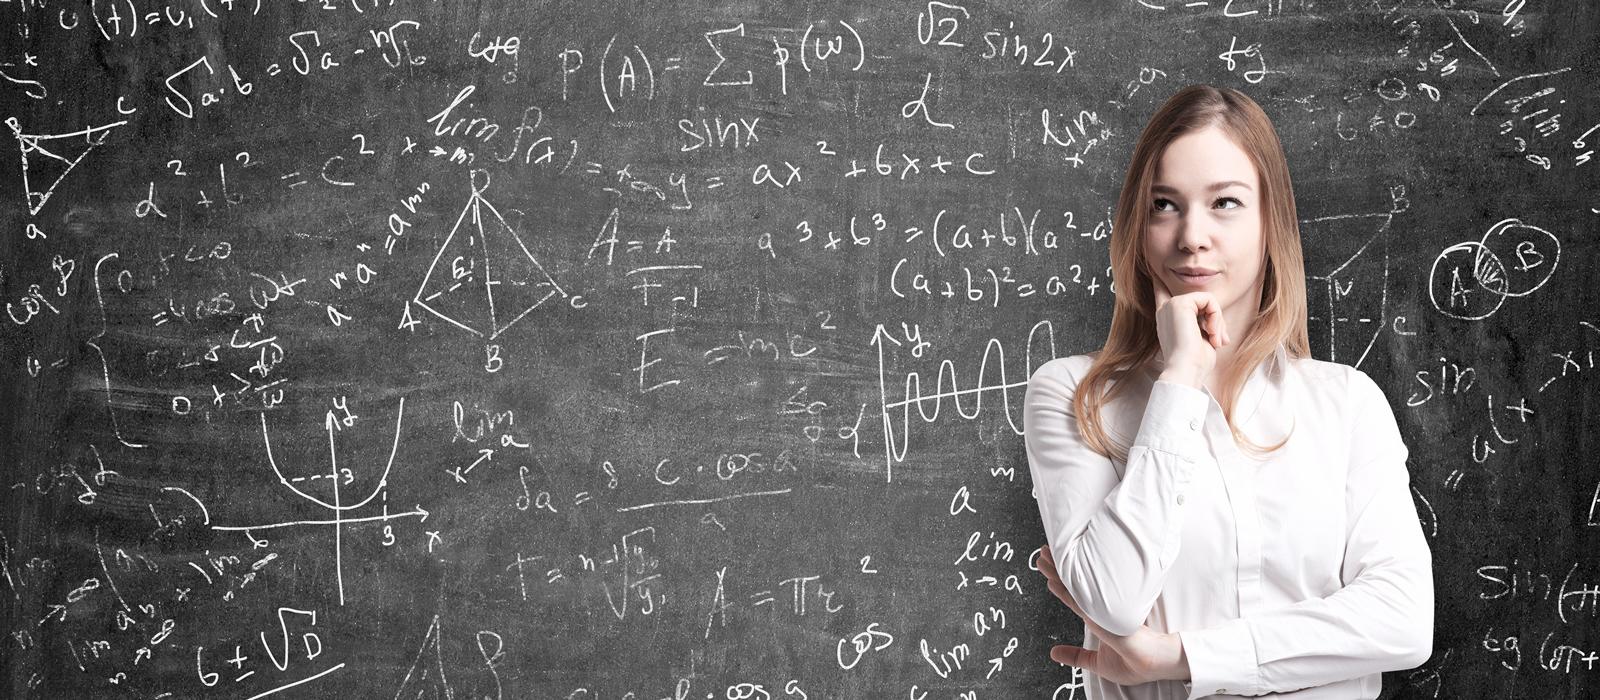 لماذا ندرس الرياضيات